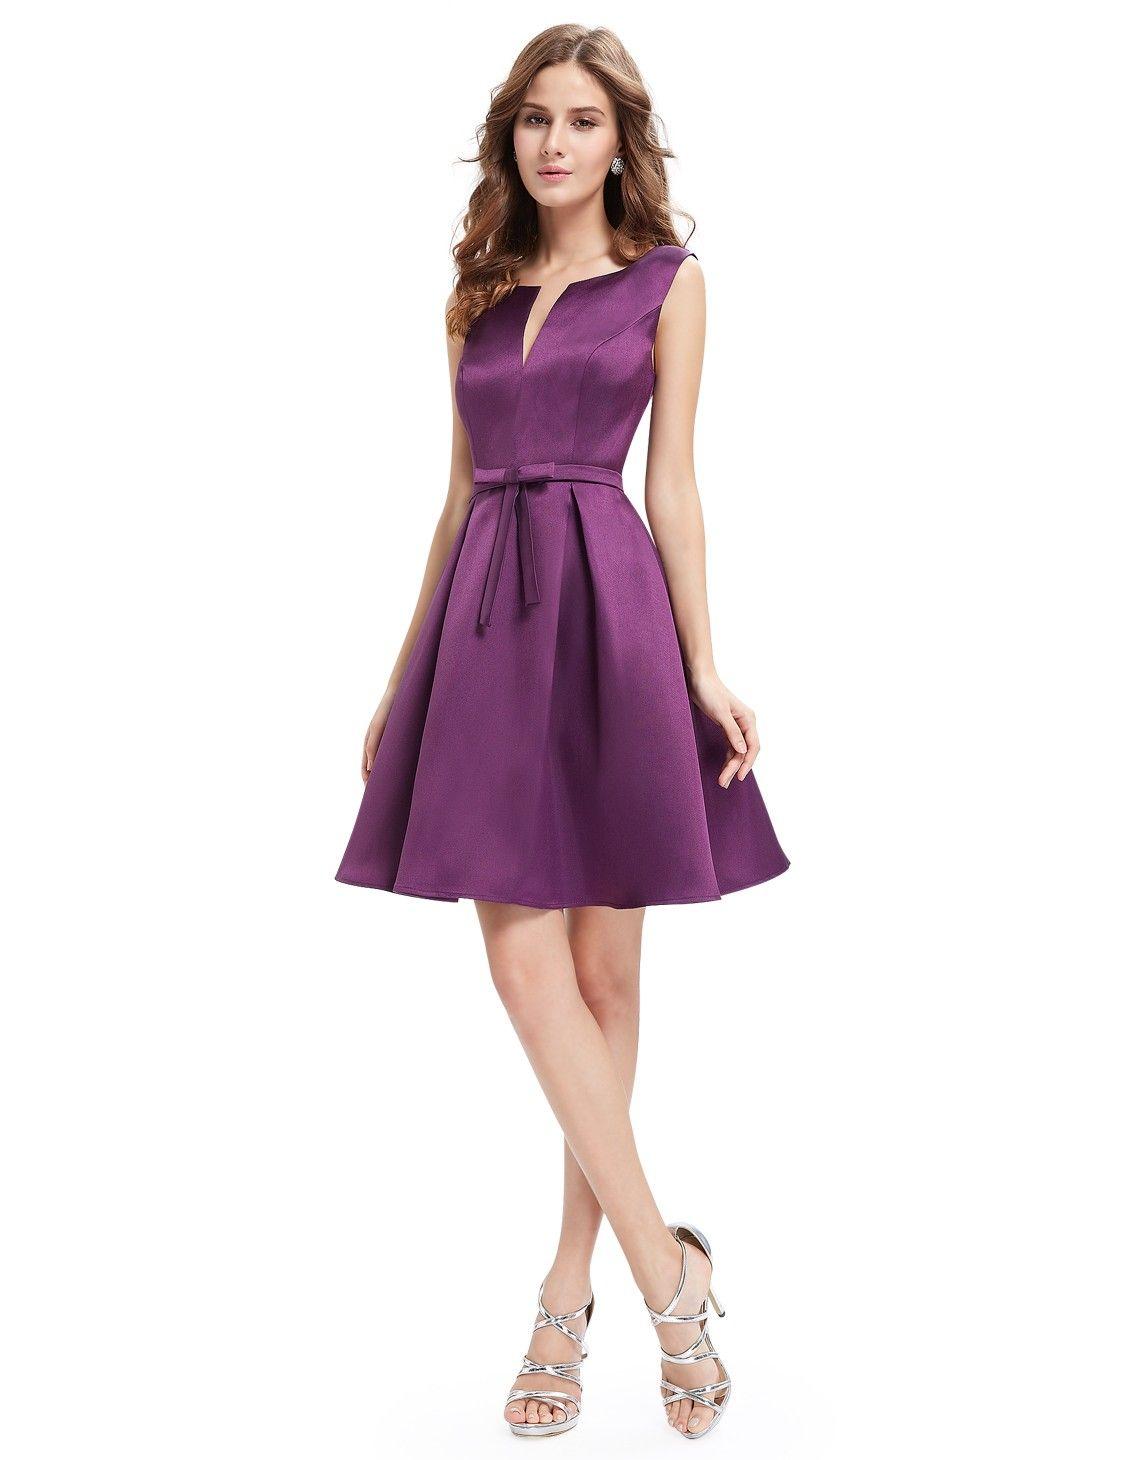 Vestidos cortos elegantes ¡18 Fabulosos Modelos de Moda! | 101 ...